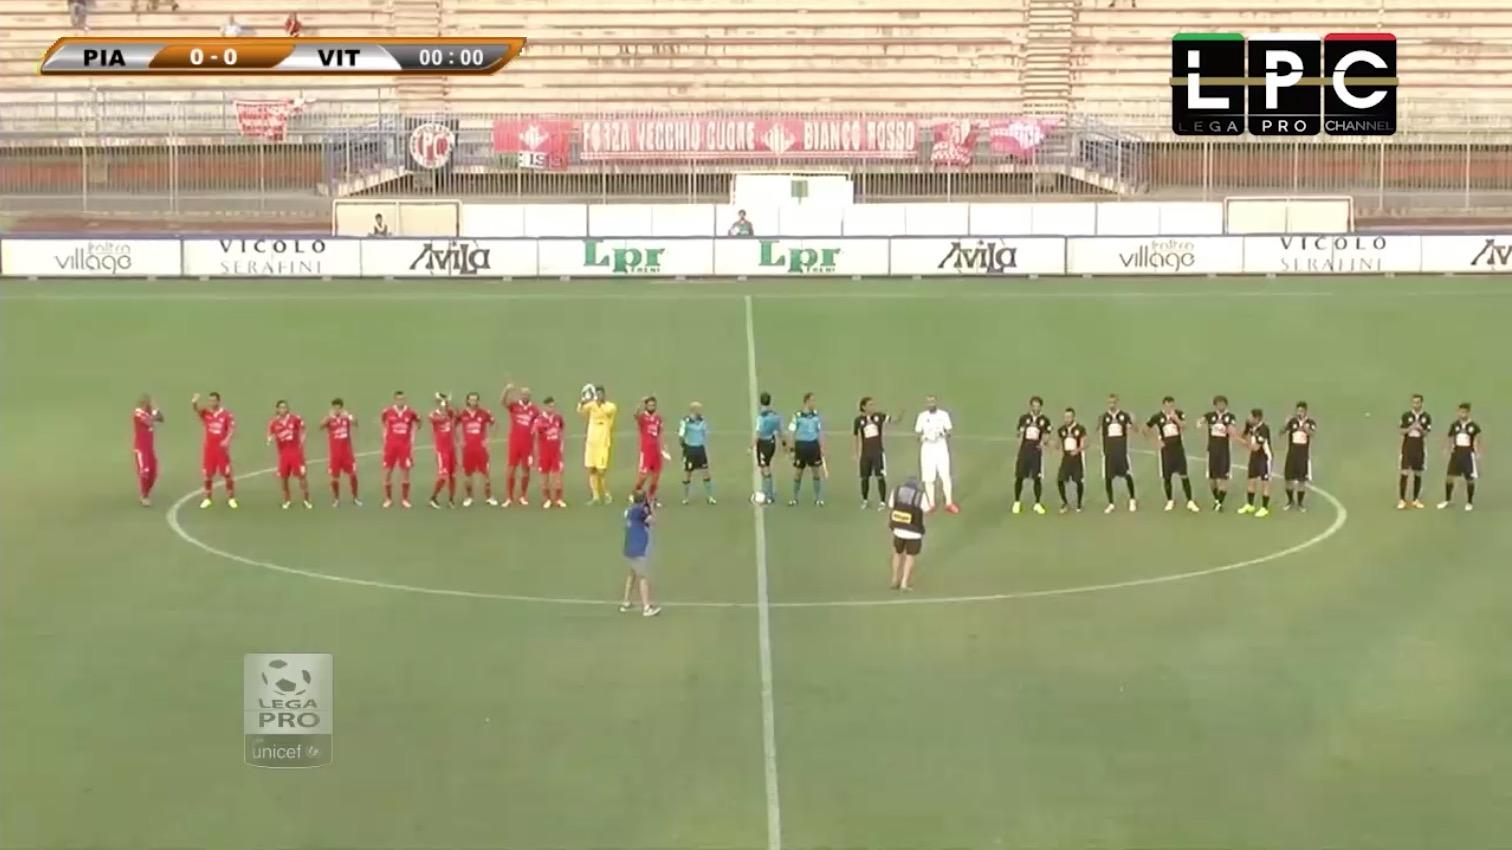 Piacenza-Parma: RaiSport diretta tv, Sportube streaming live. Ottavi play off, ecco come vedere la partita